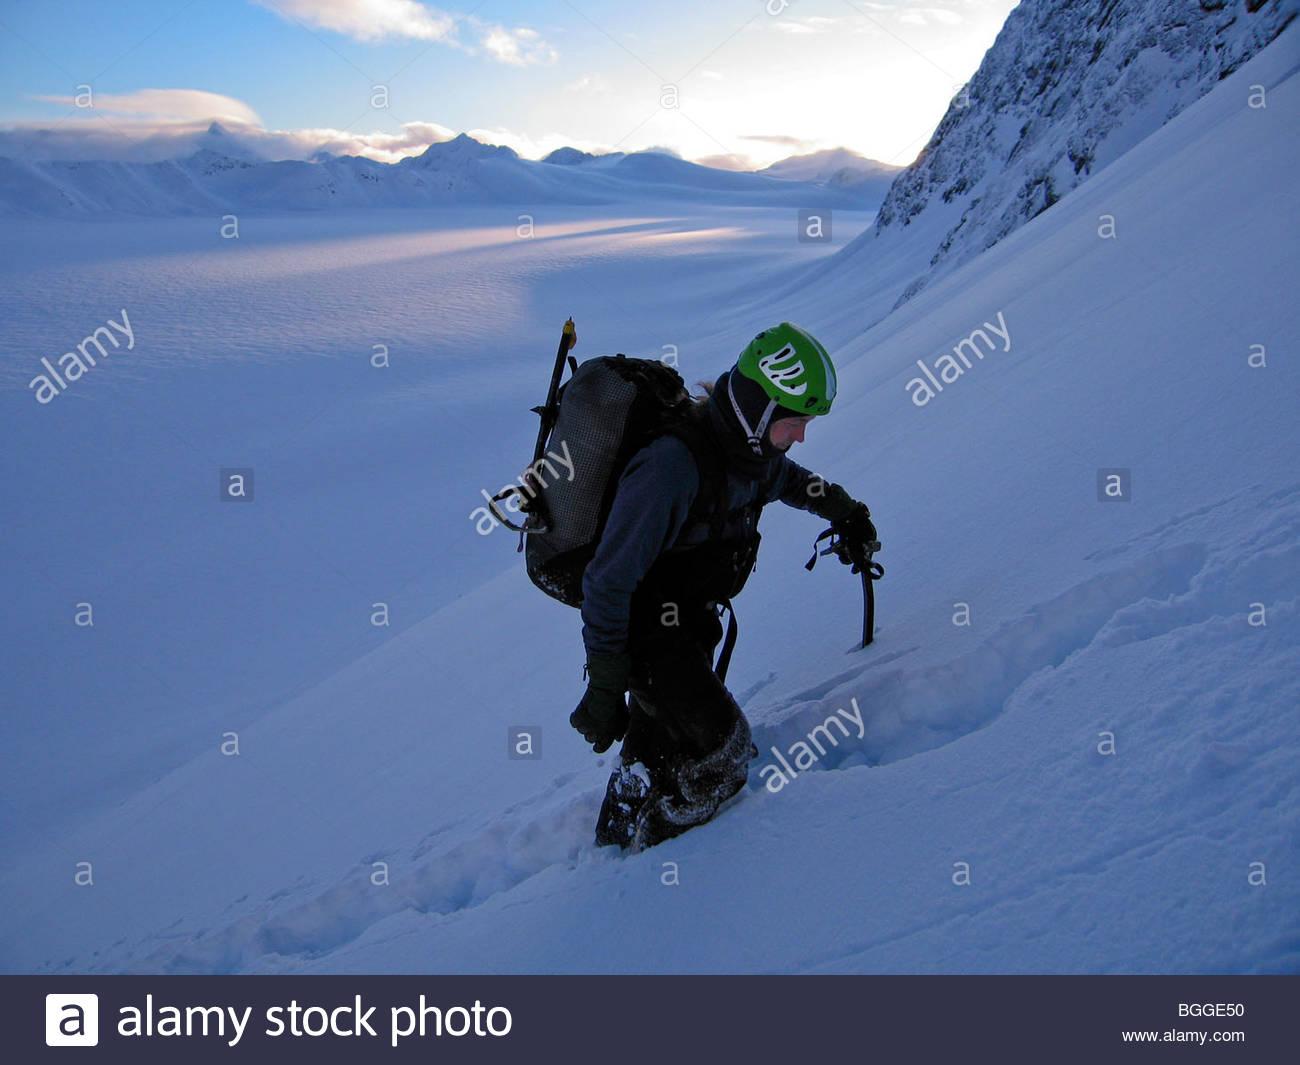 Un escalador sube el peligro máximo, en Chugach State Park, Alaska Imagen De Stock